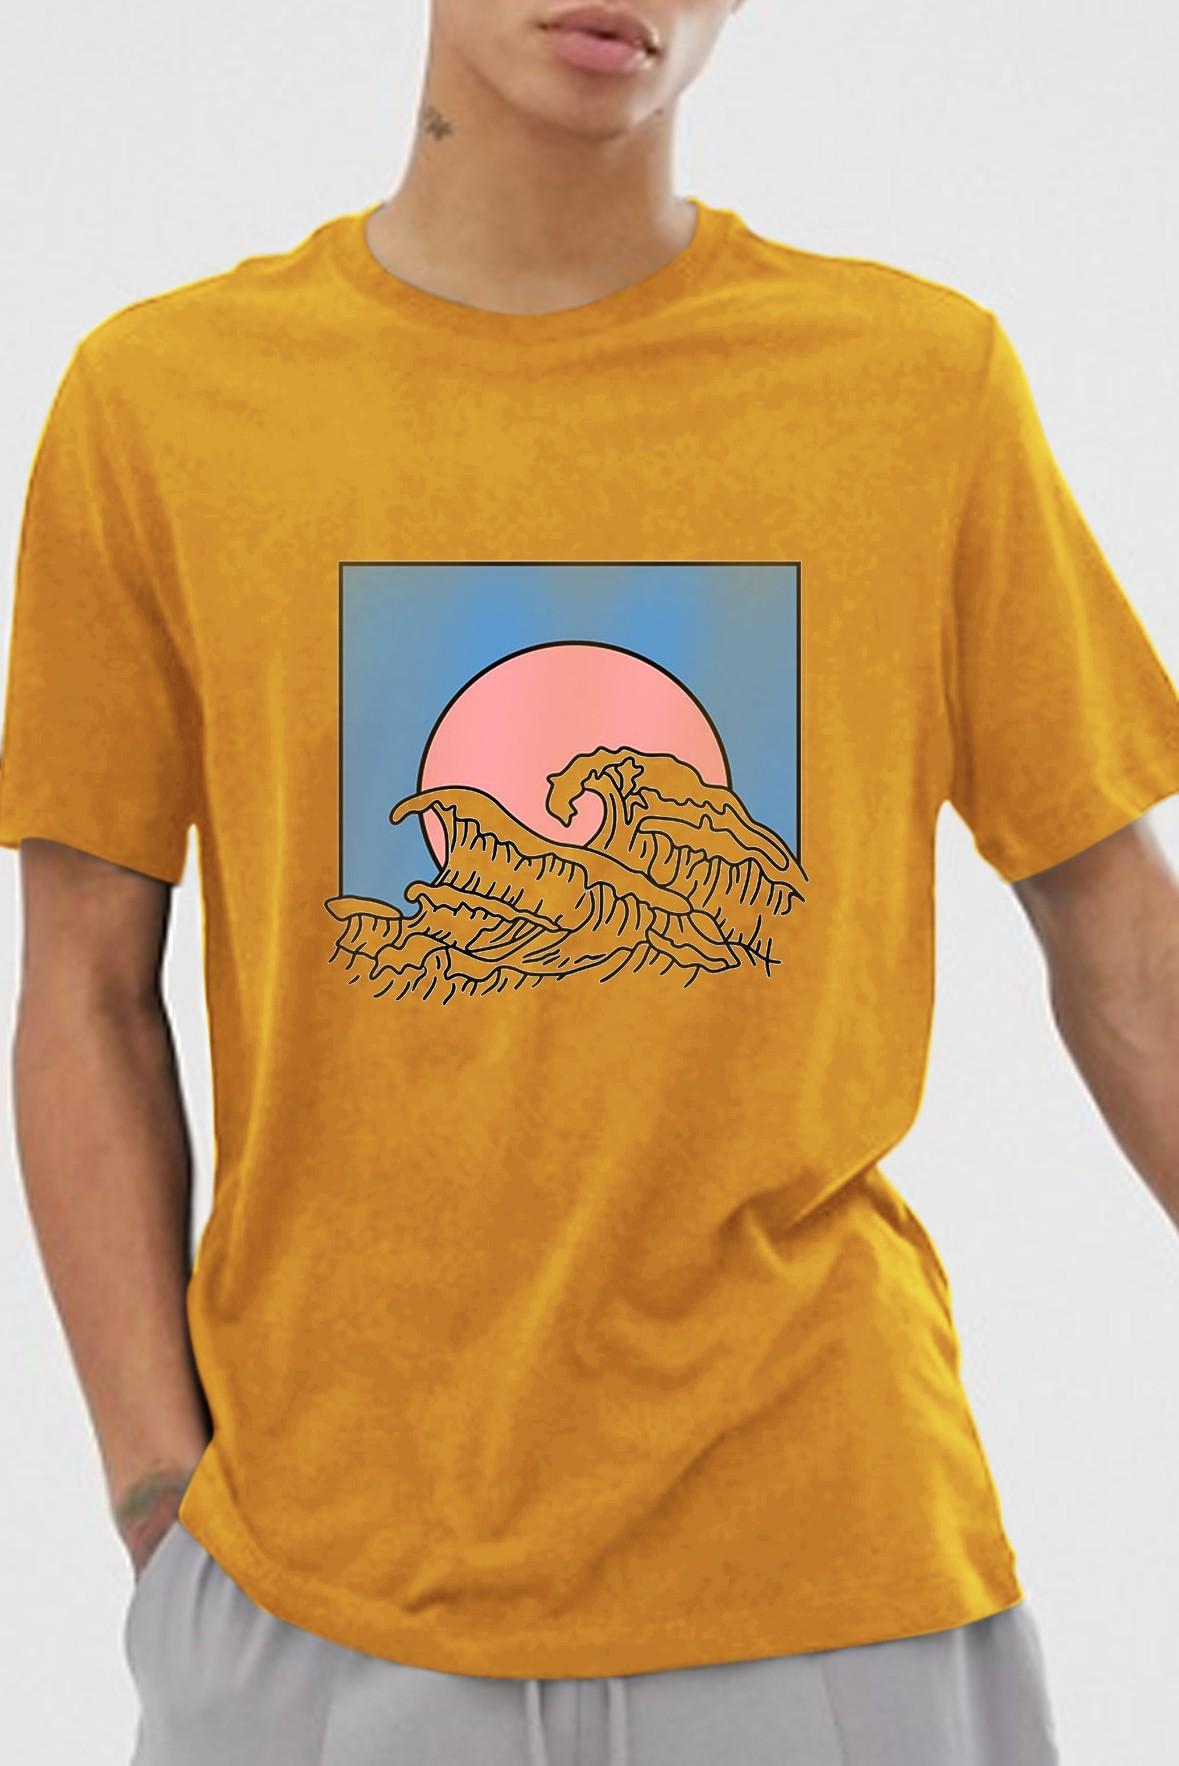 Wave mustard